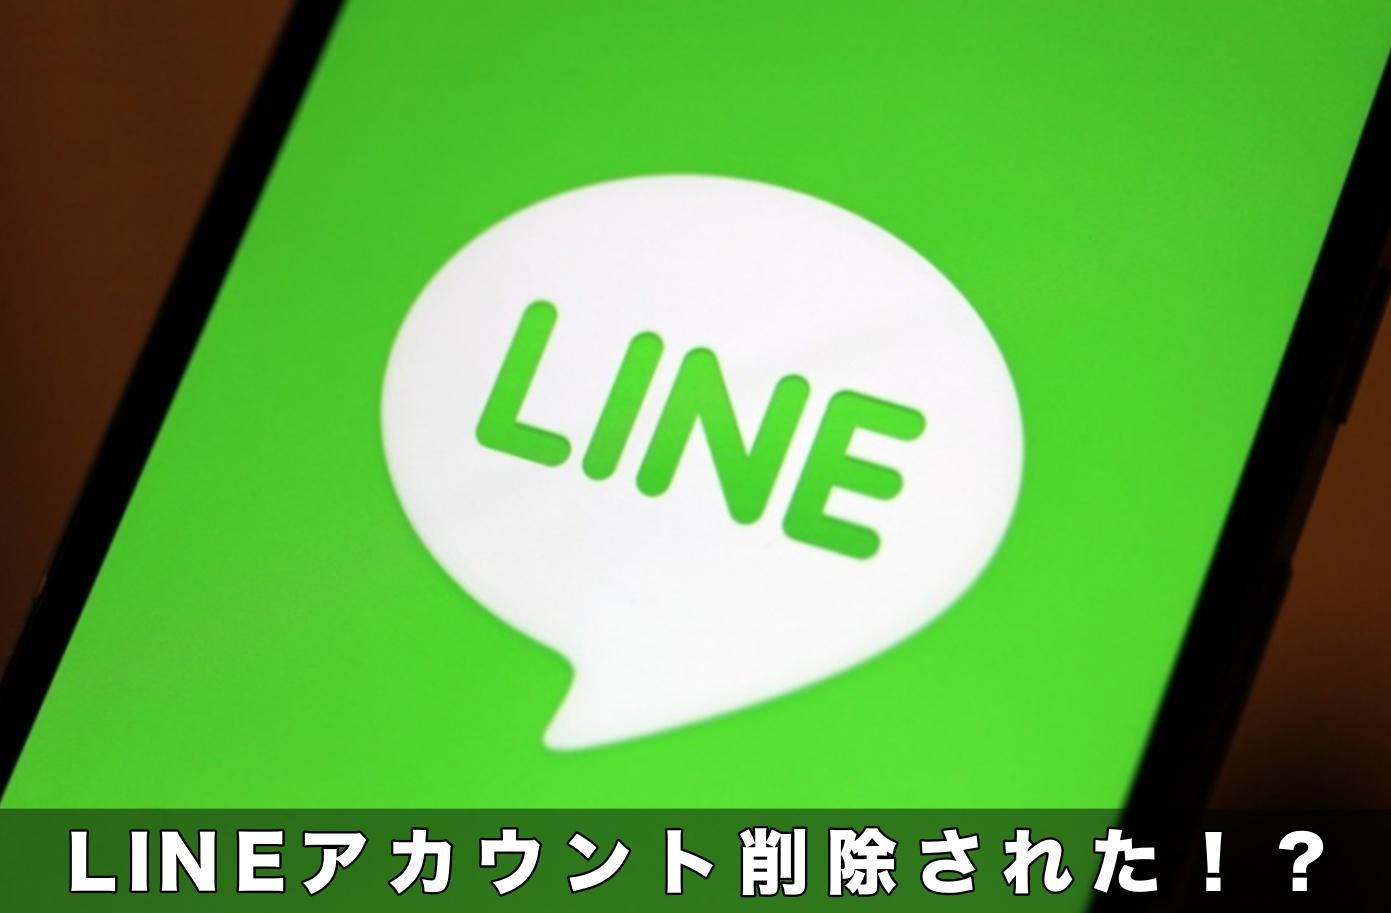 LINEアカウント削除された!?確認する2つの方法!